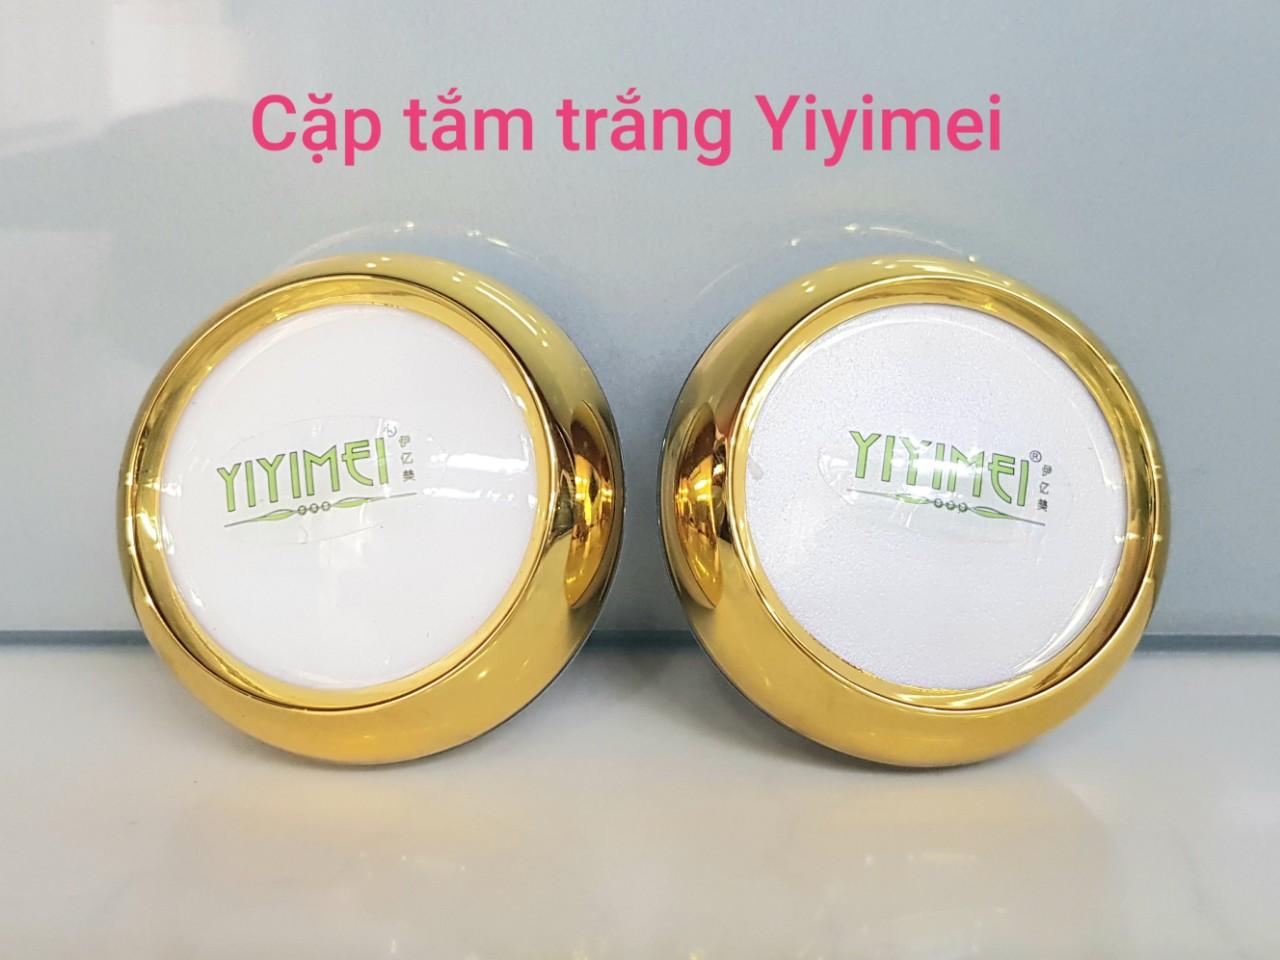 Tắm trắng Yiyimei, Kem body yiyimei dưỡng trắng da, che các khuyết điểm trên da, dưỡng trắng da yiyimei